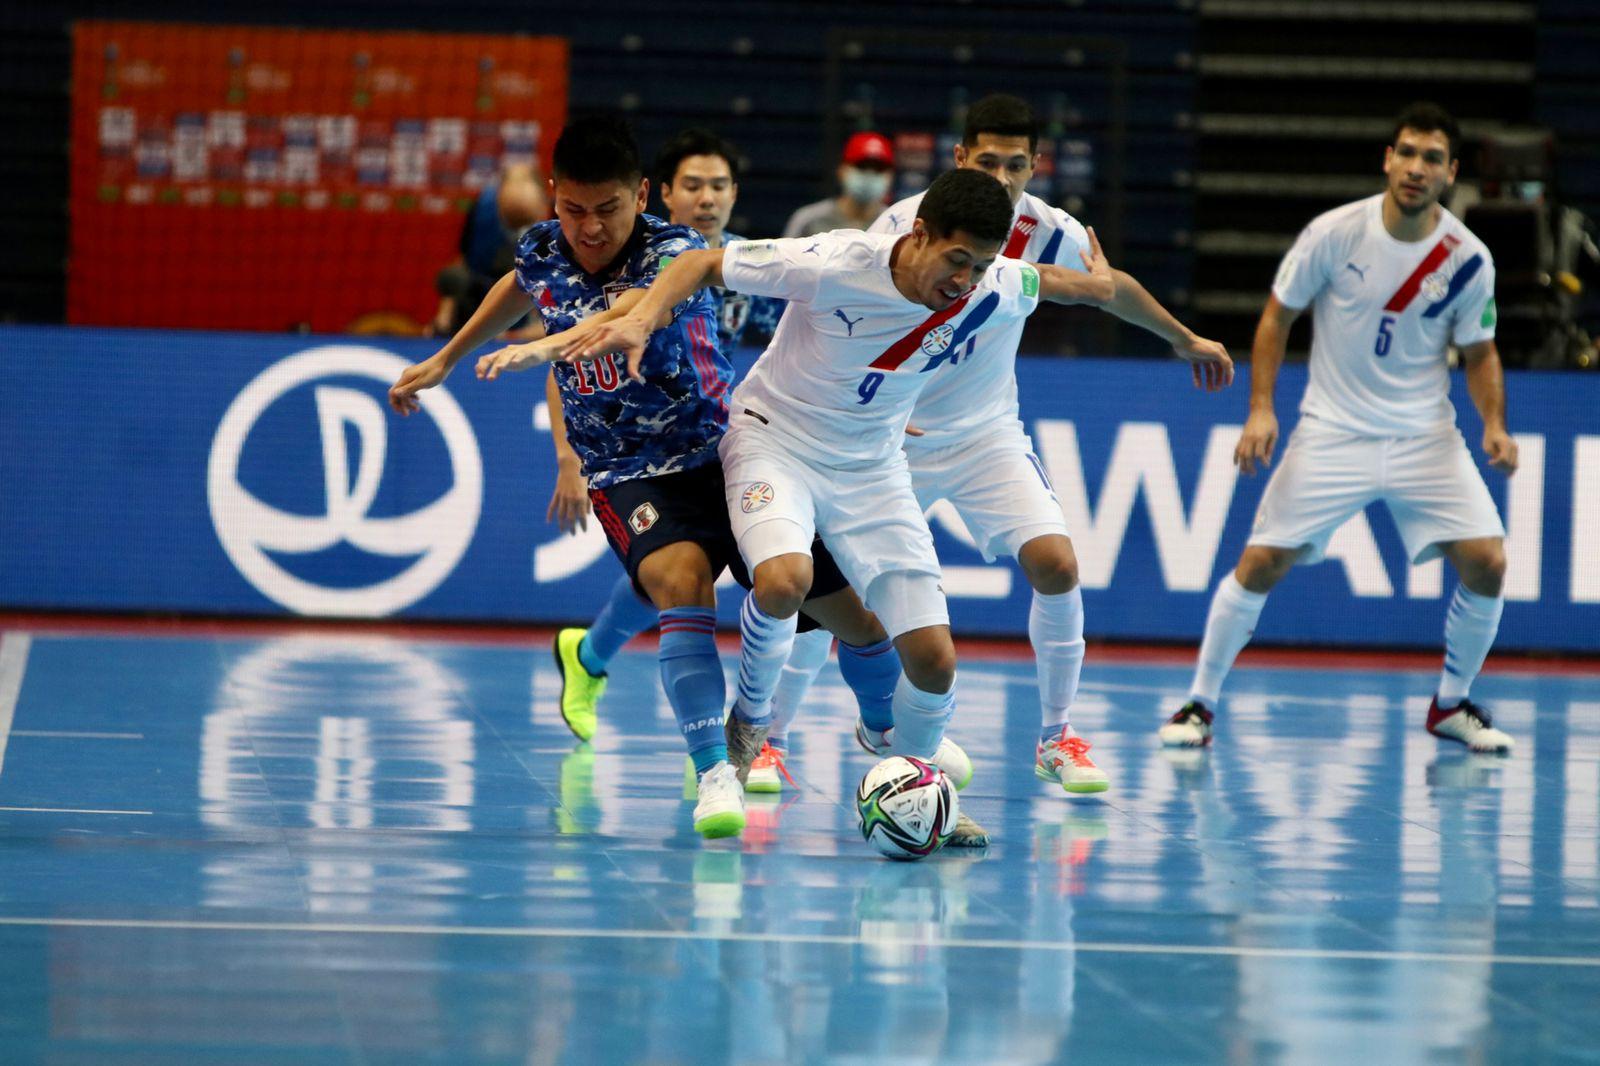 Foto: @FutsalAPF.